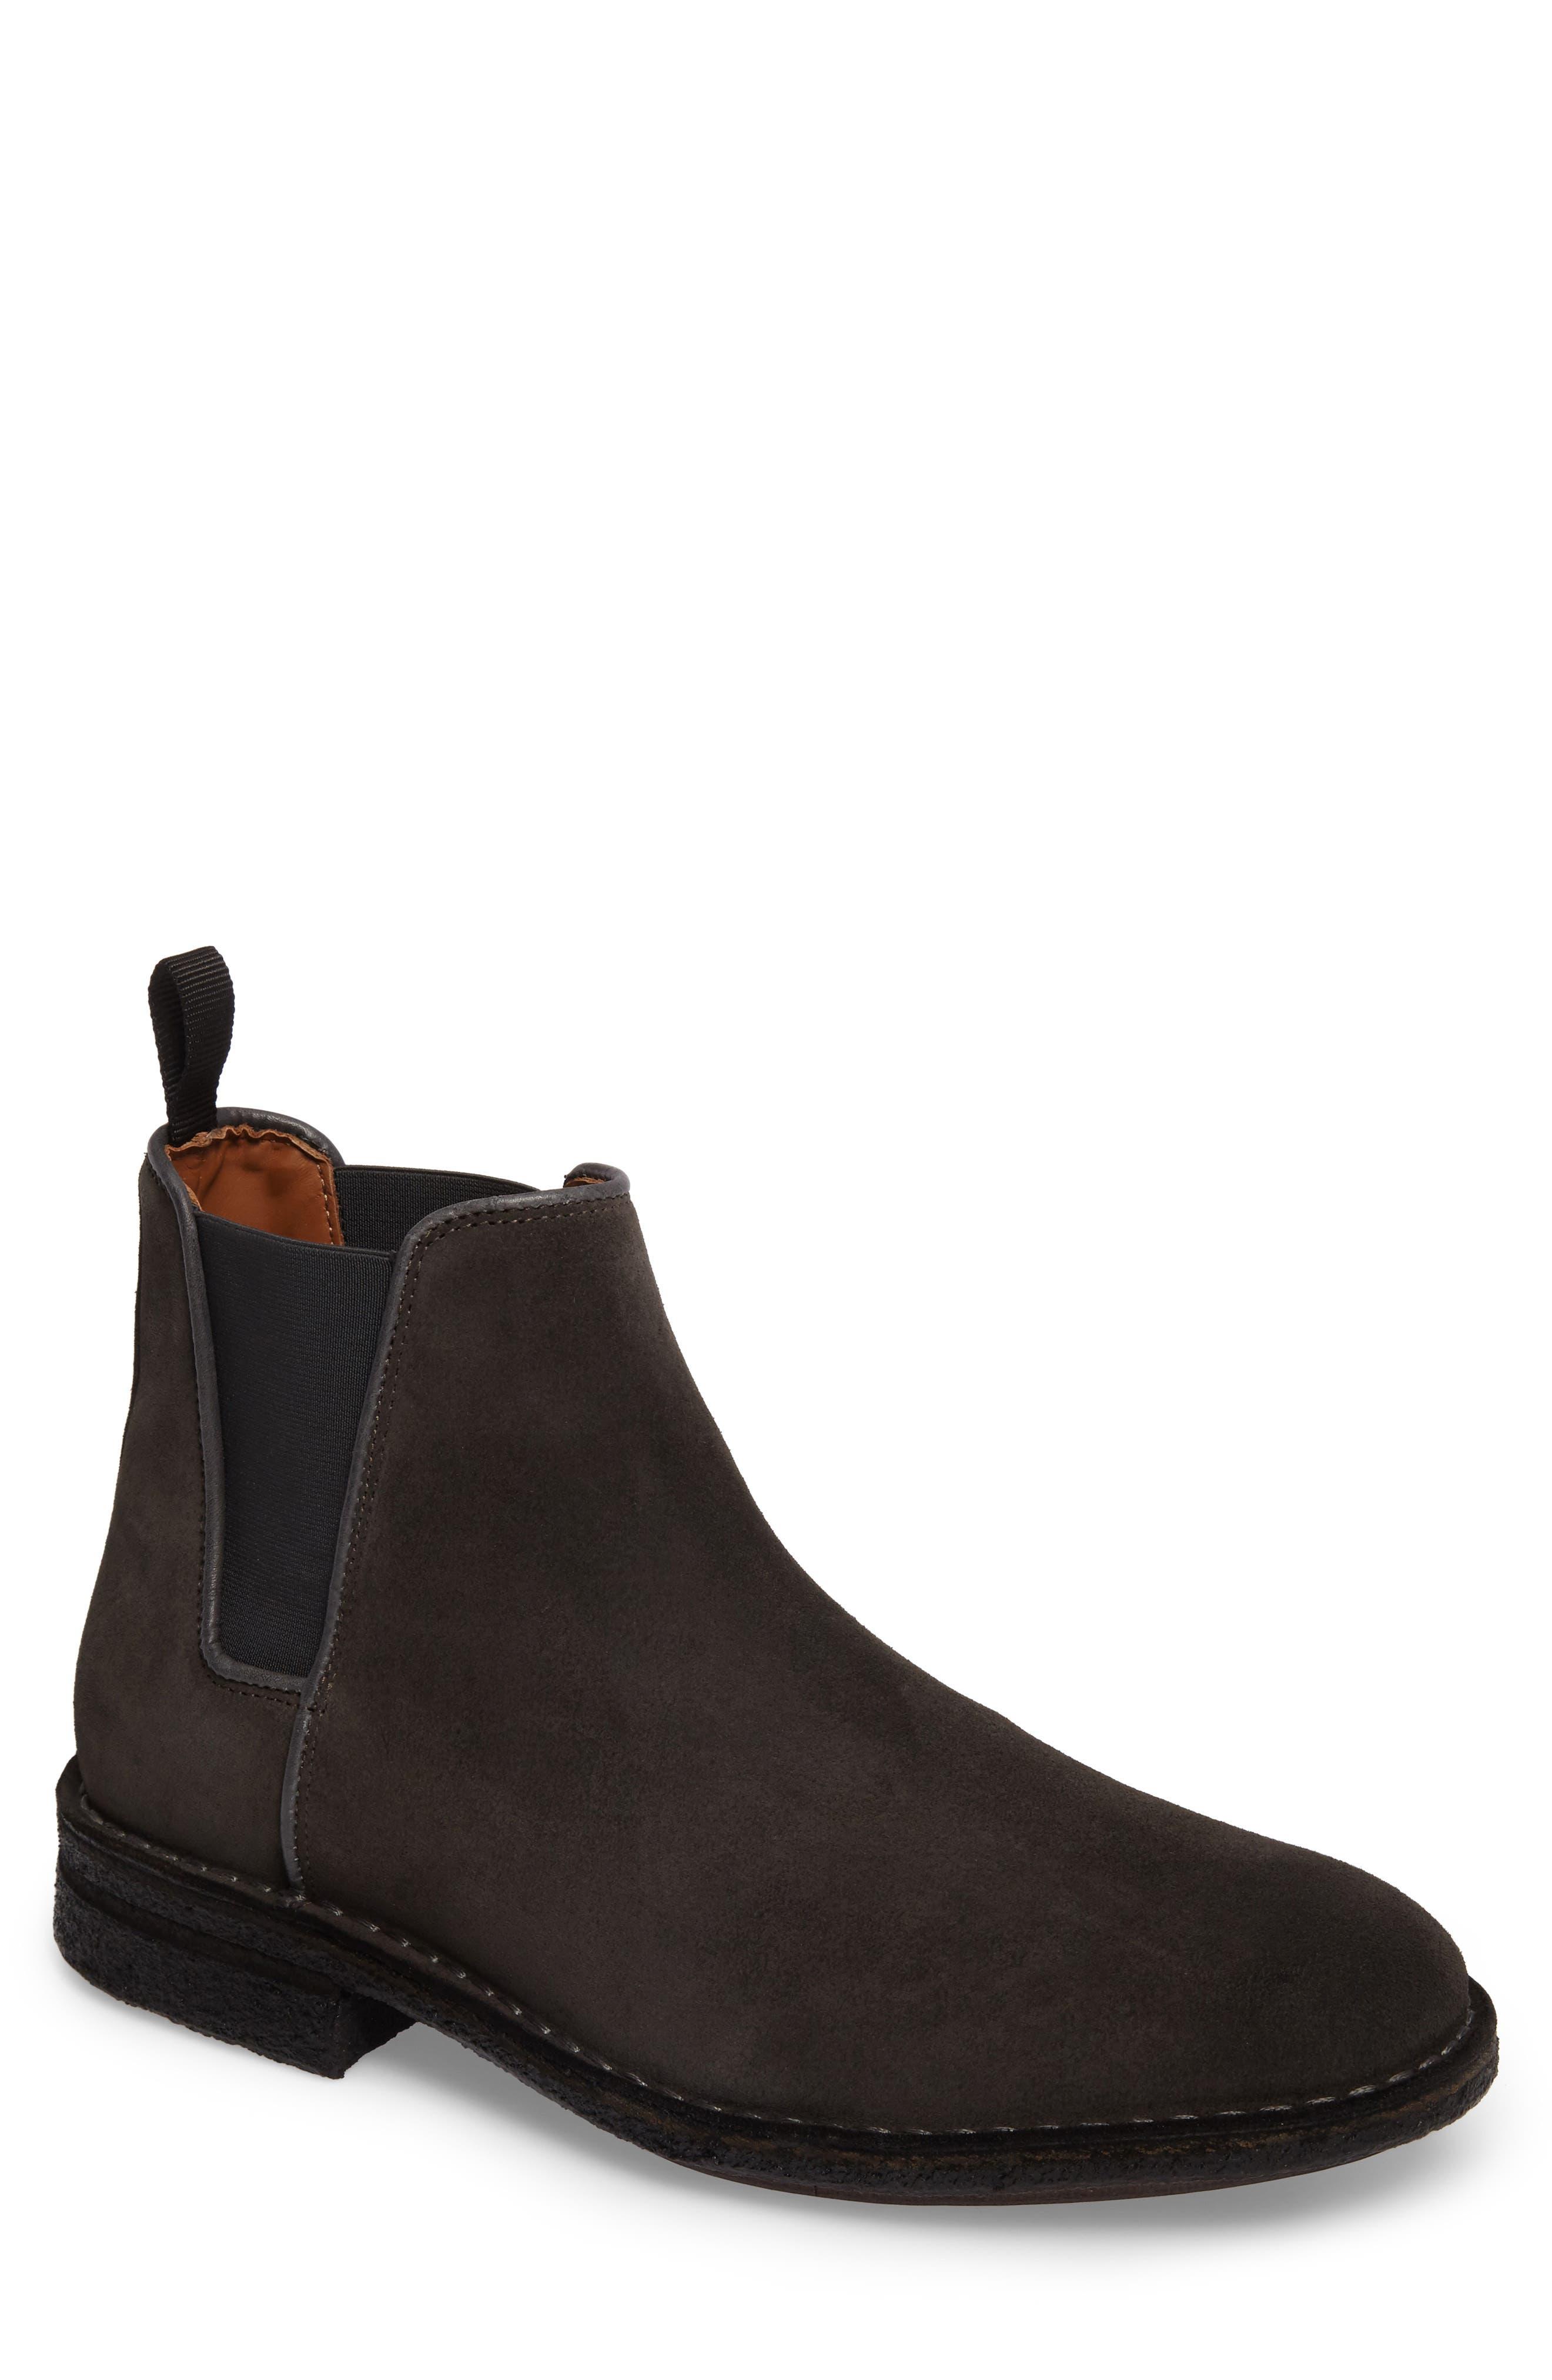 Oscar Chelsea Boot,                         Main,                         color, 020